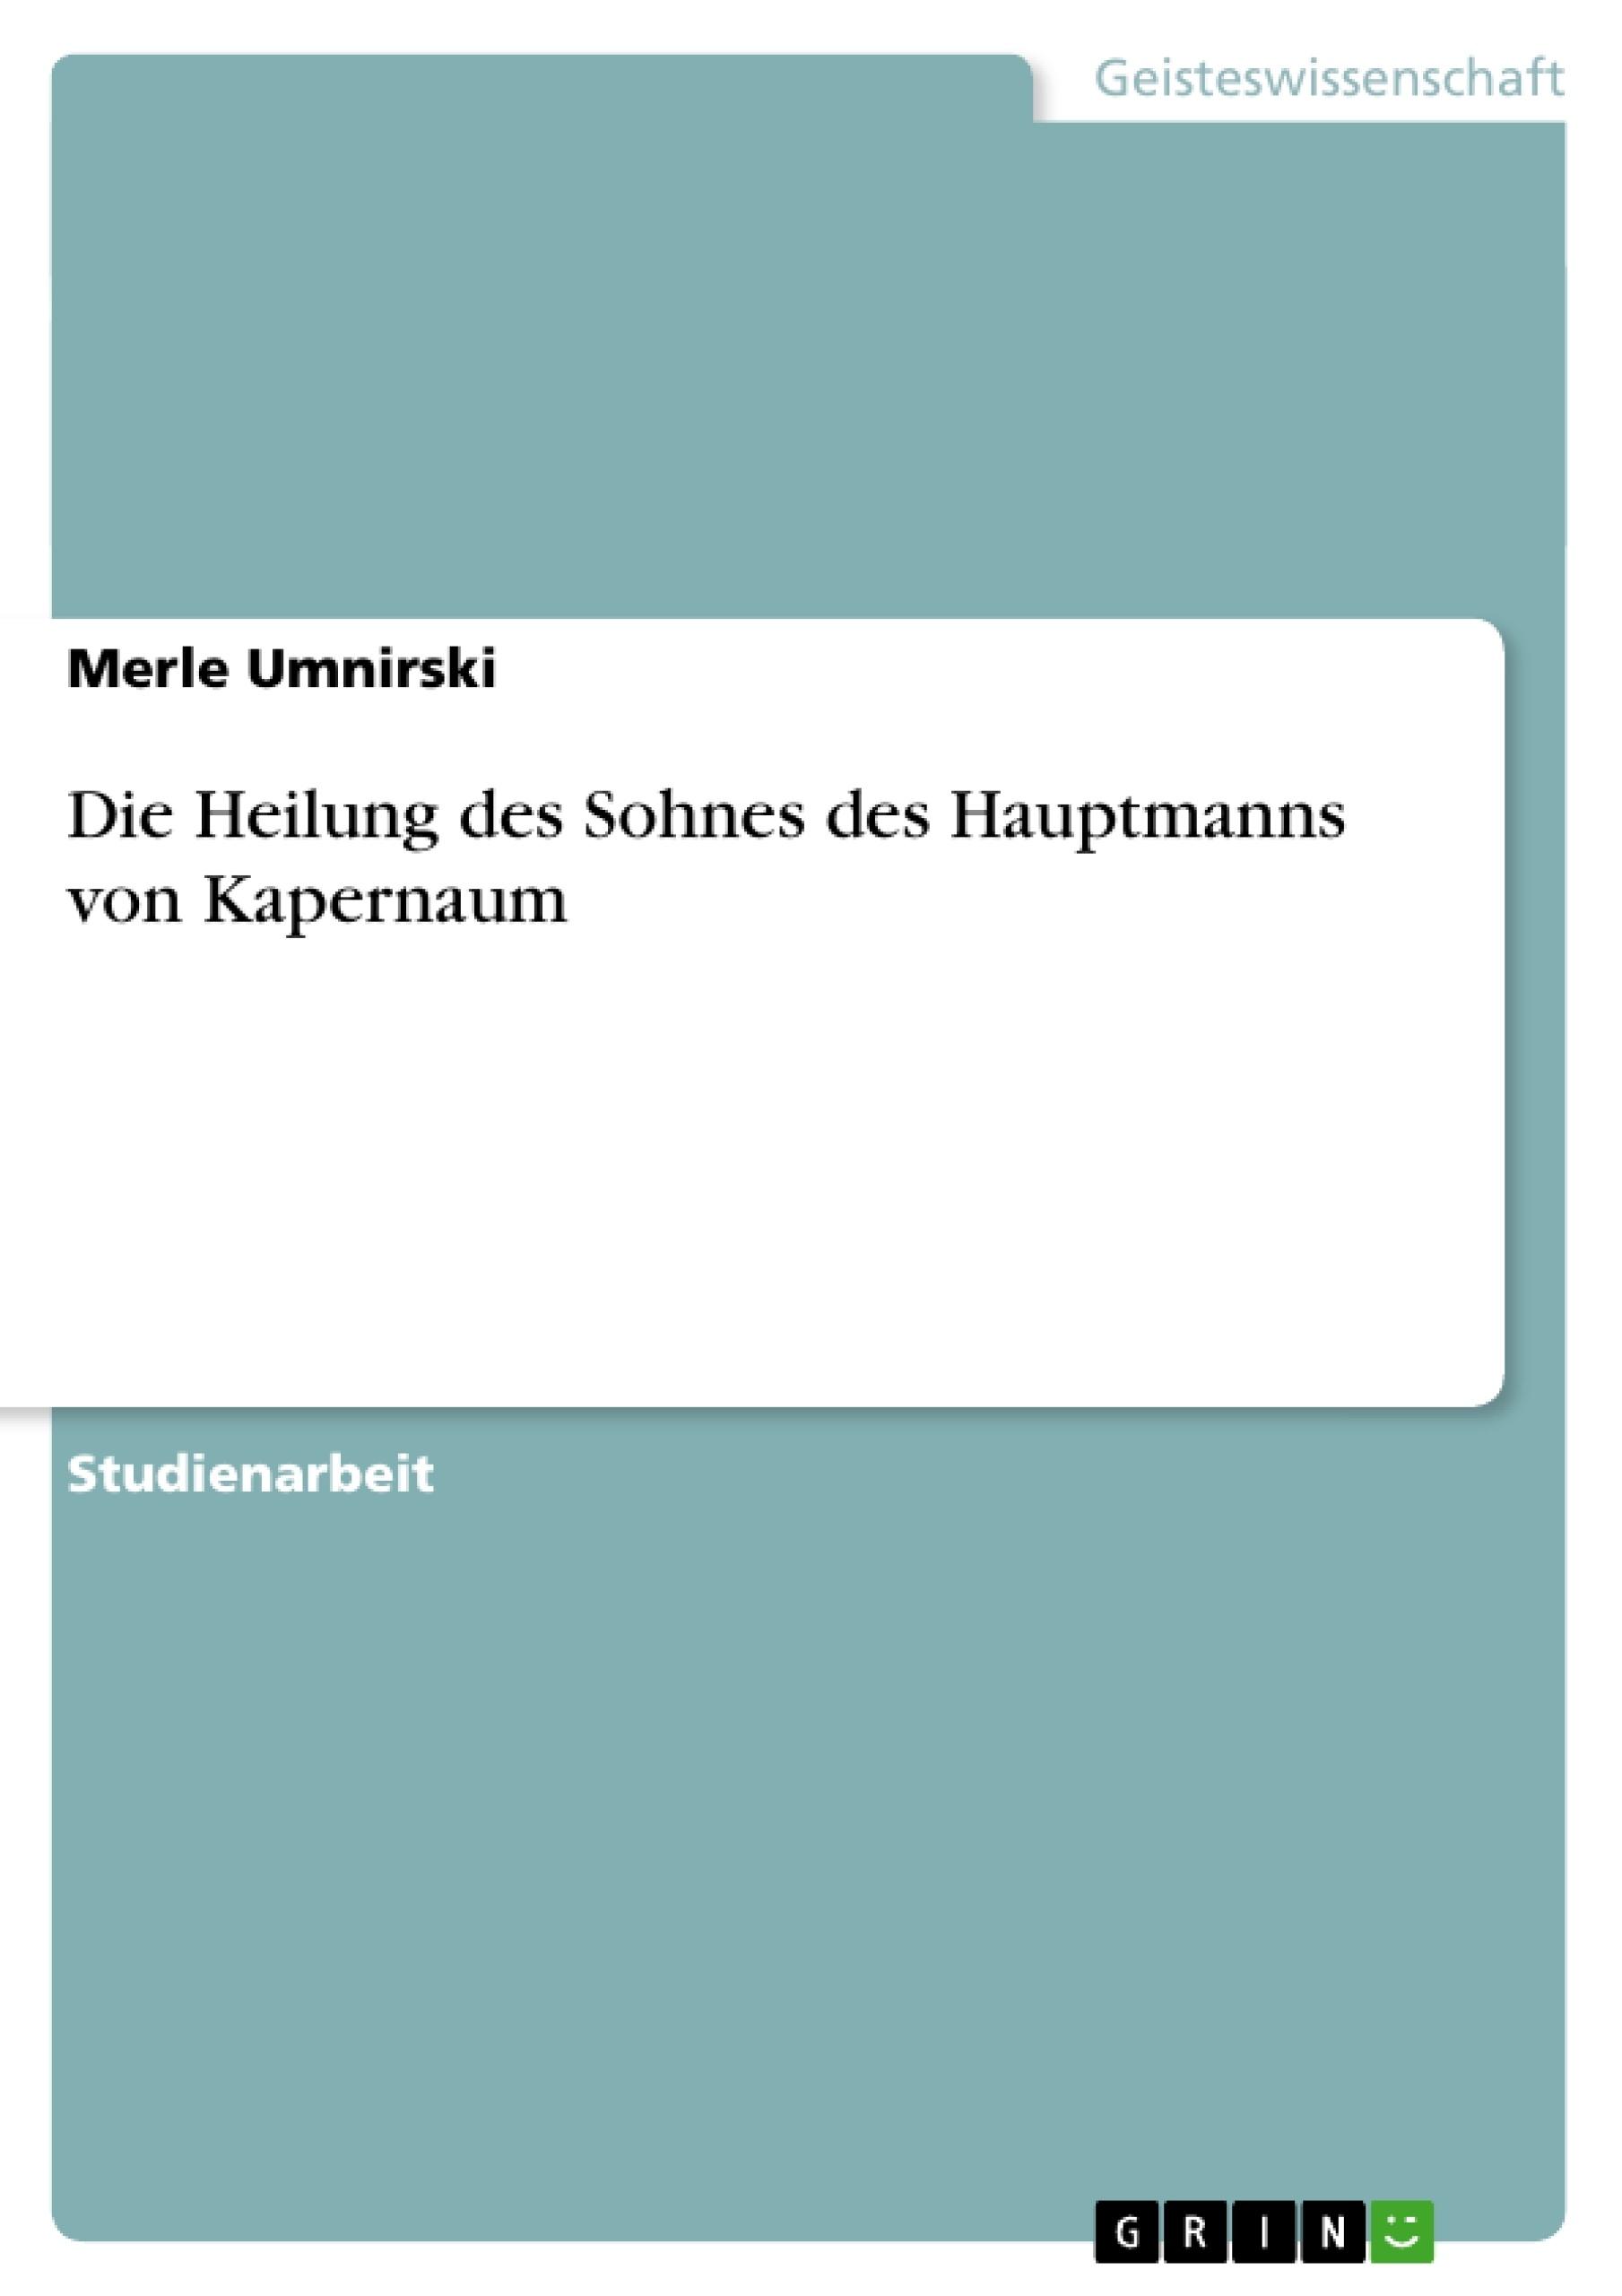 Titel: Die Heilung des Sohnes des Hauptmanns von Kapernaum